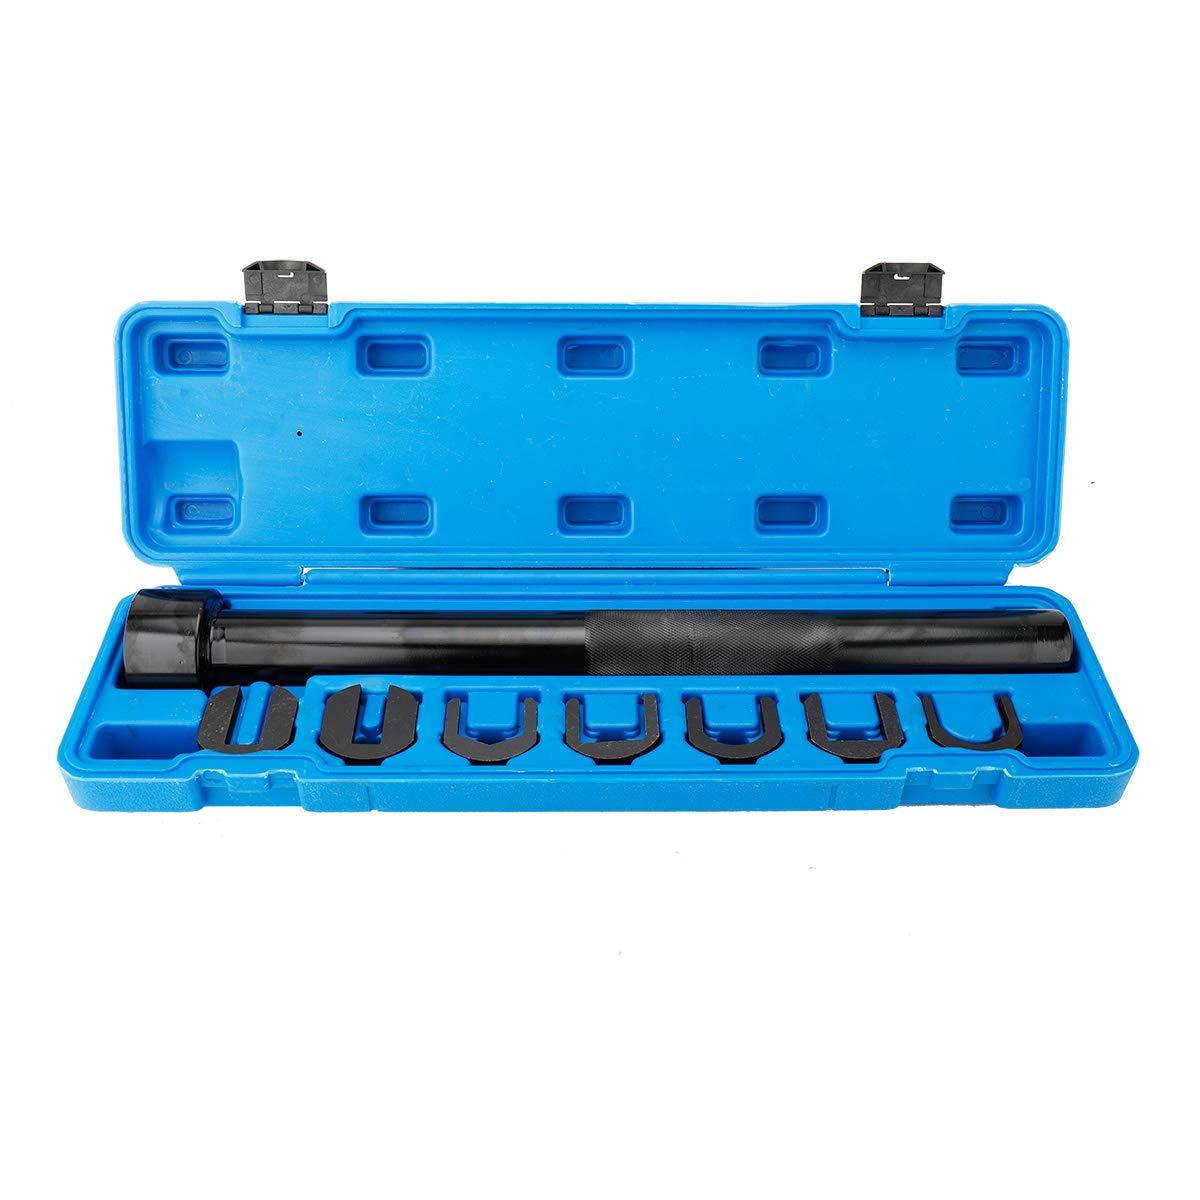 8MILELAKE Inner Tie Rod Removal Tool Set Car Auto Mechanics Inner Tie Rod Tool by 8MILELAKE